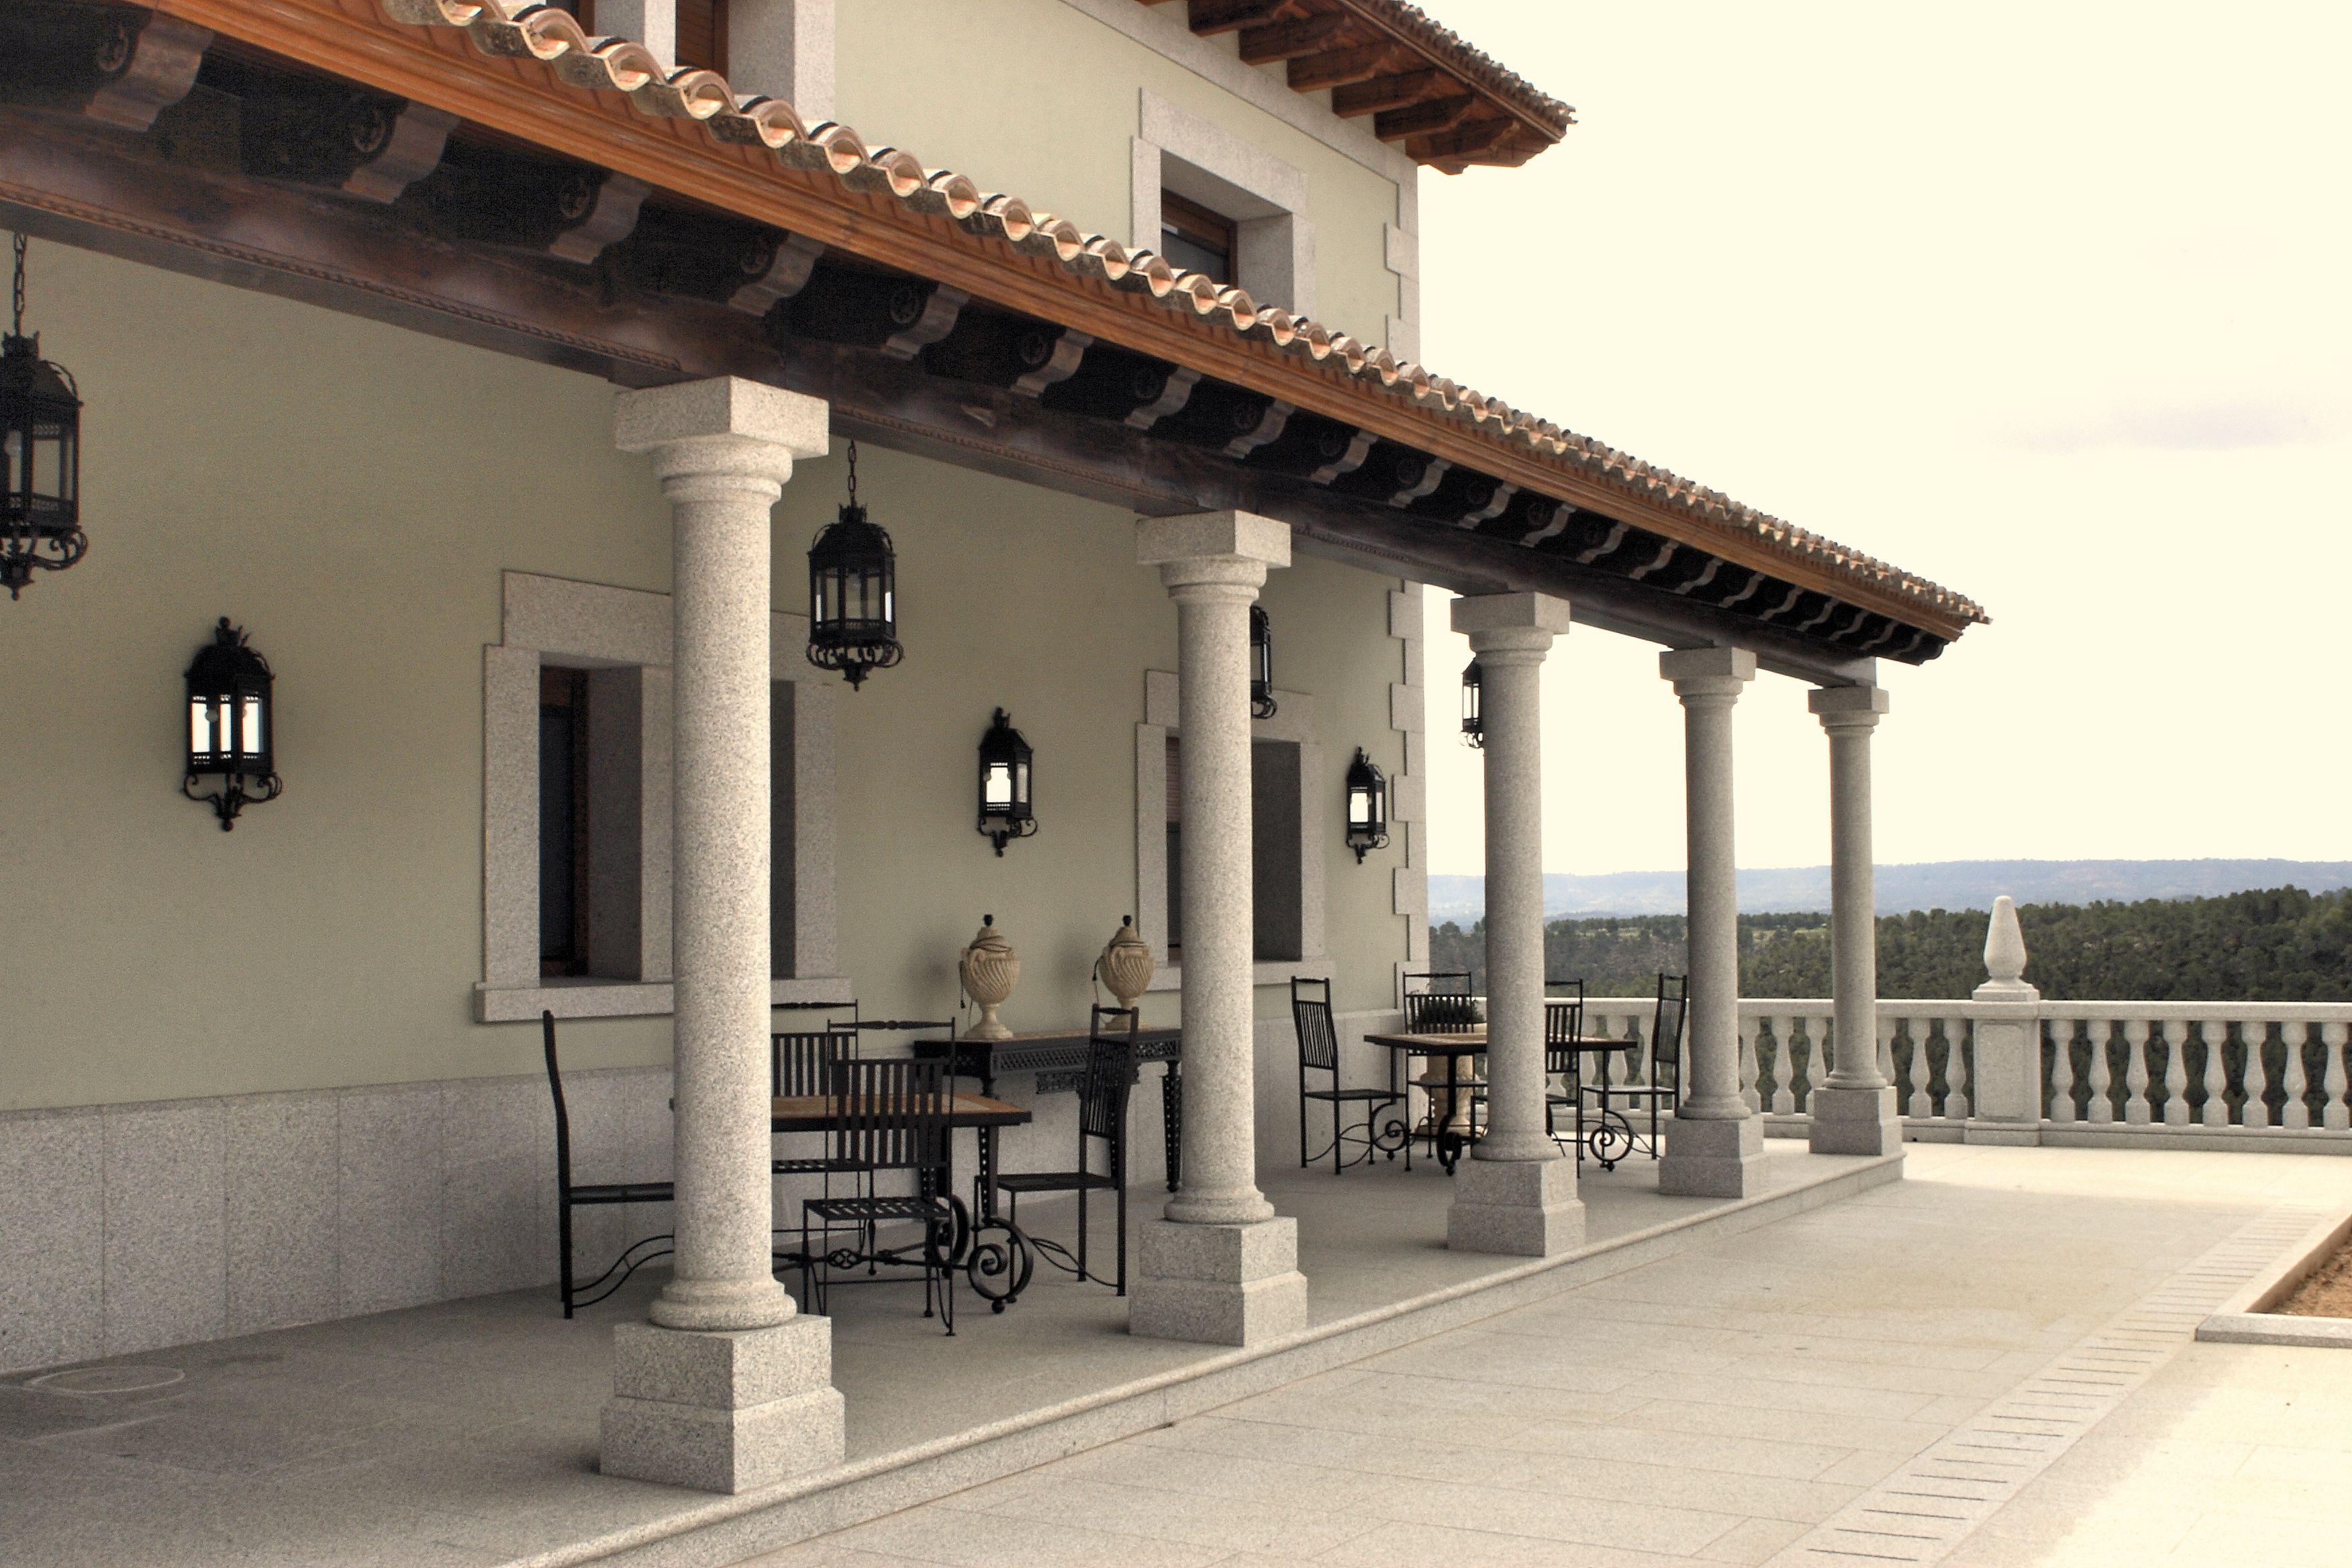 Estructuras De Madera Pergolas Artesonados Y Cerramientos Conely Estructuras De Madera Porches De Casas Madera Para Exterior